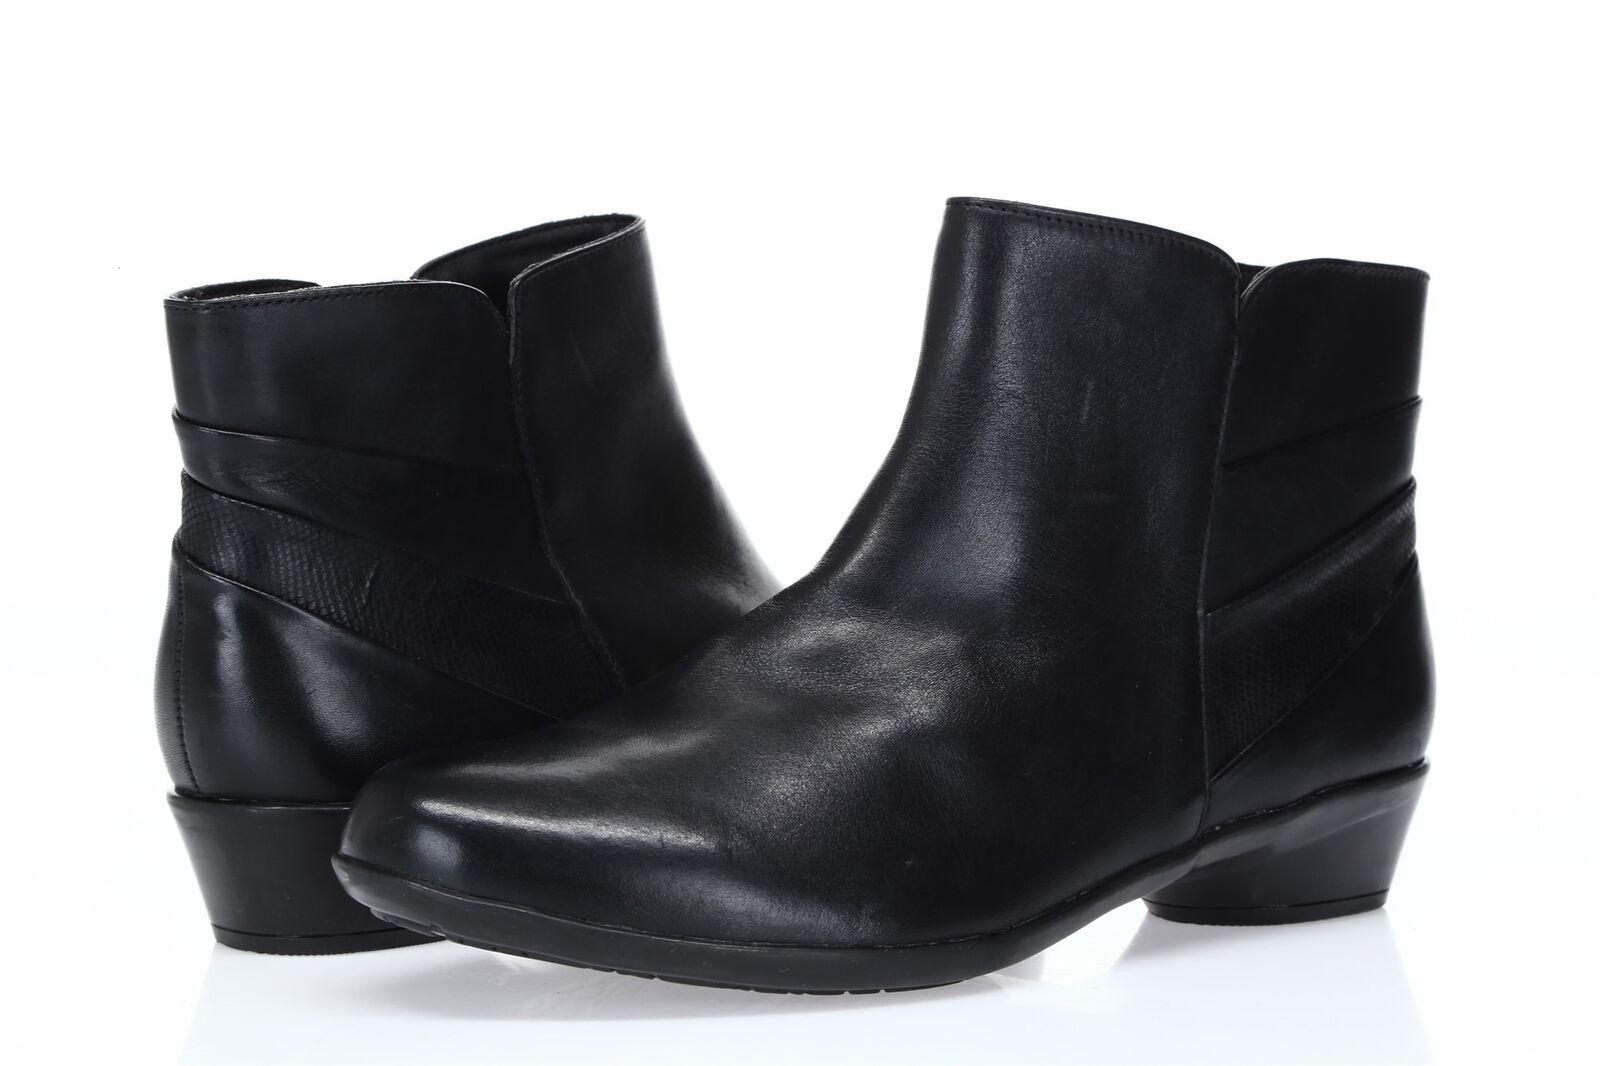 Mujeres Rockport De botas Cortas De Rockport Cuero Negro Sz 9.5W 934d87